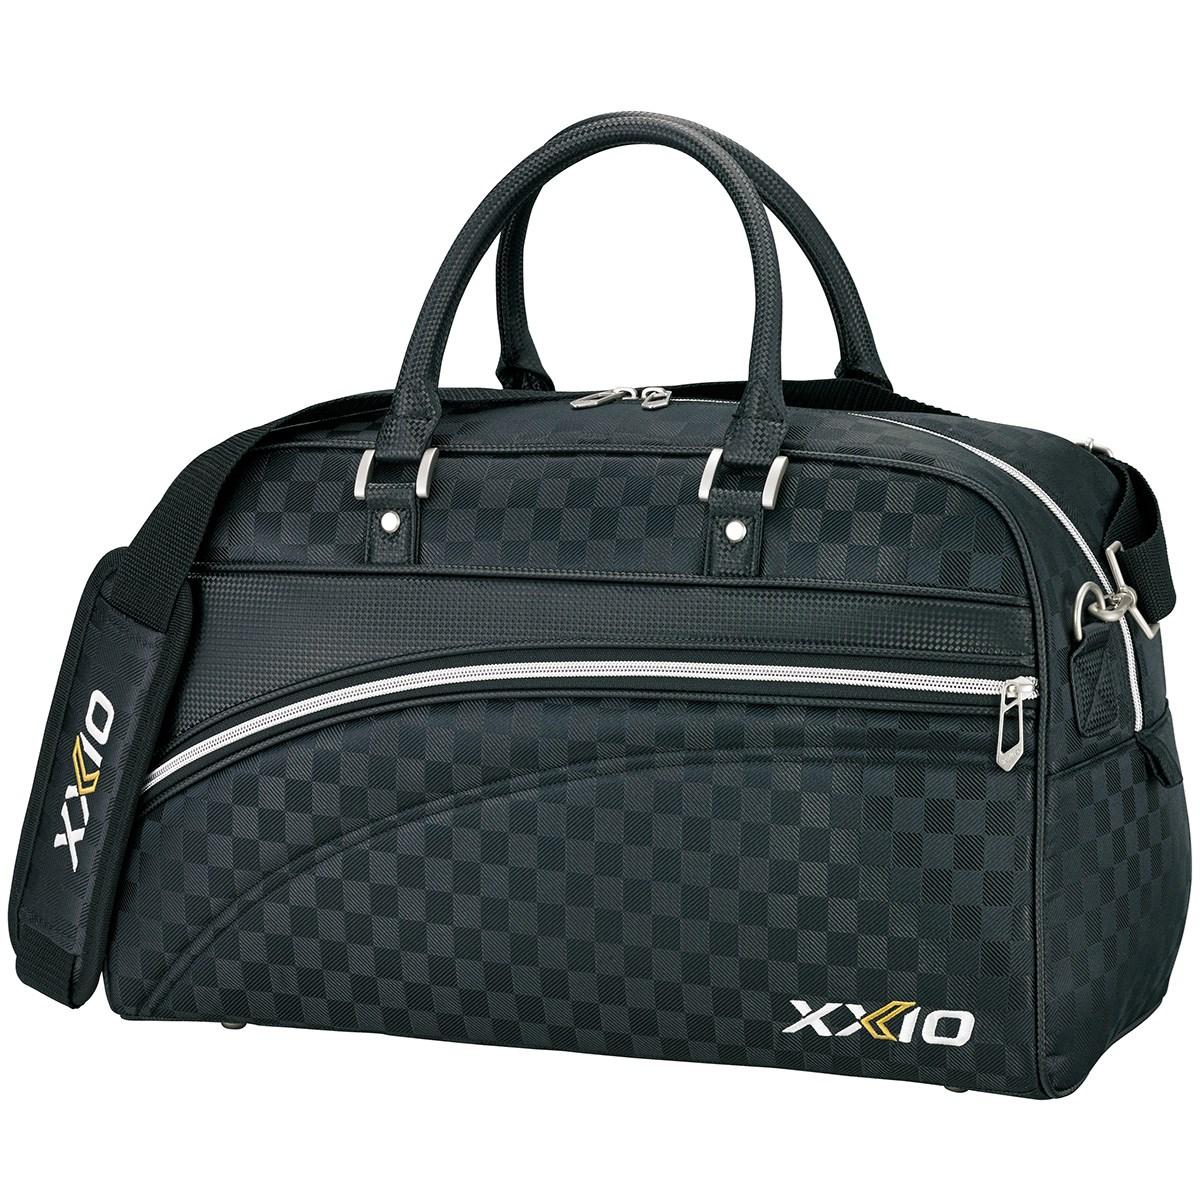 ダンロップ XXIO スポーツバッグ ブラックチェック